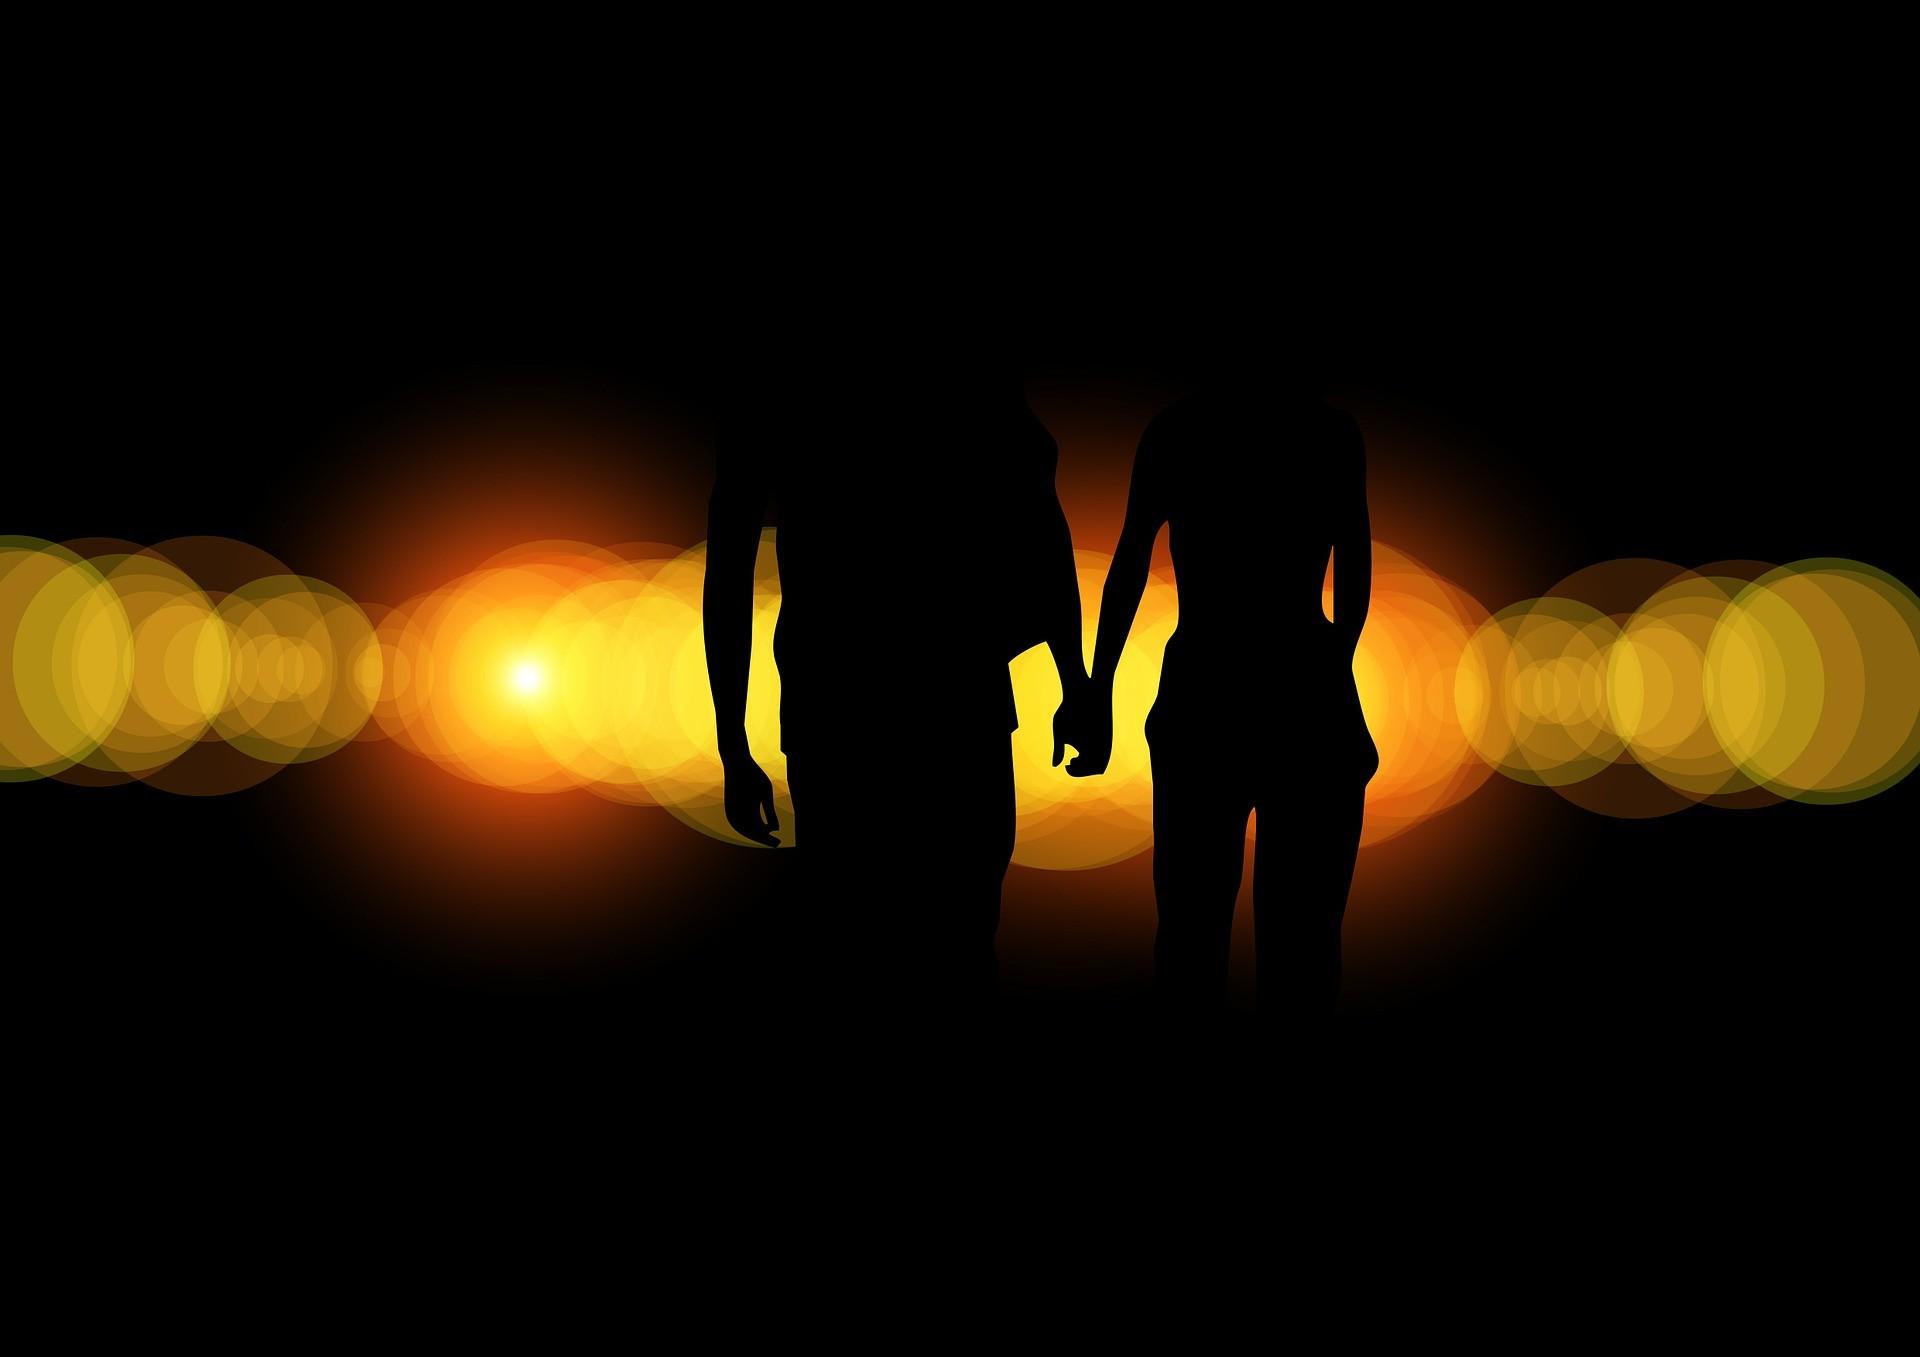 מציאת זוגיות מתאימה